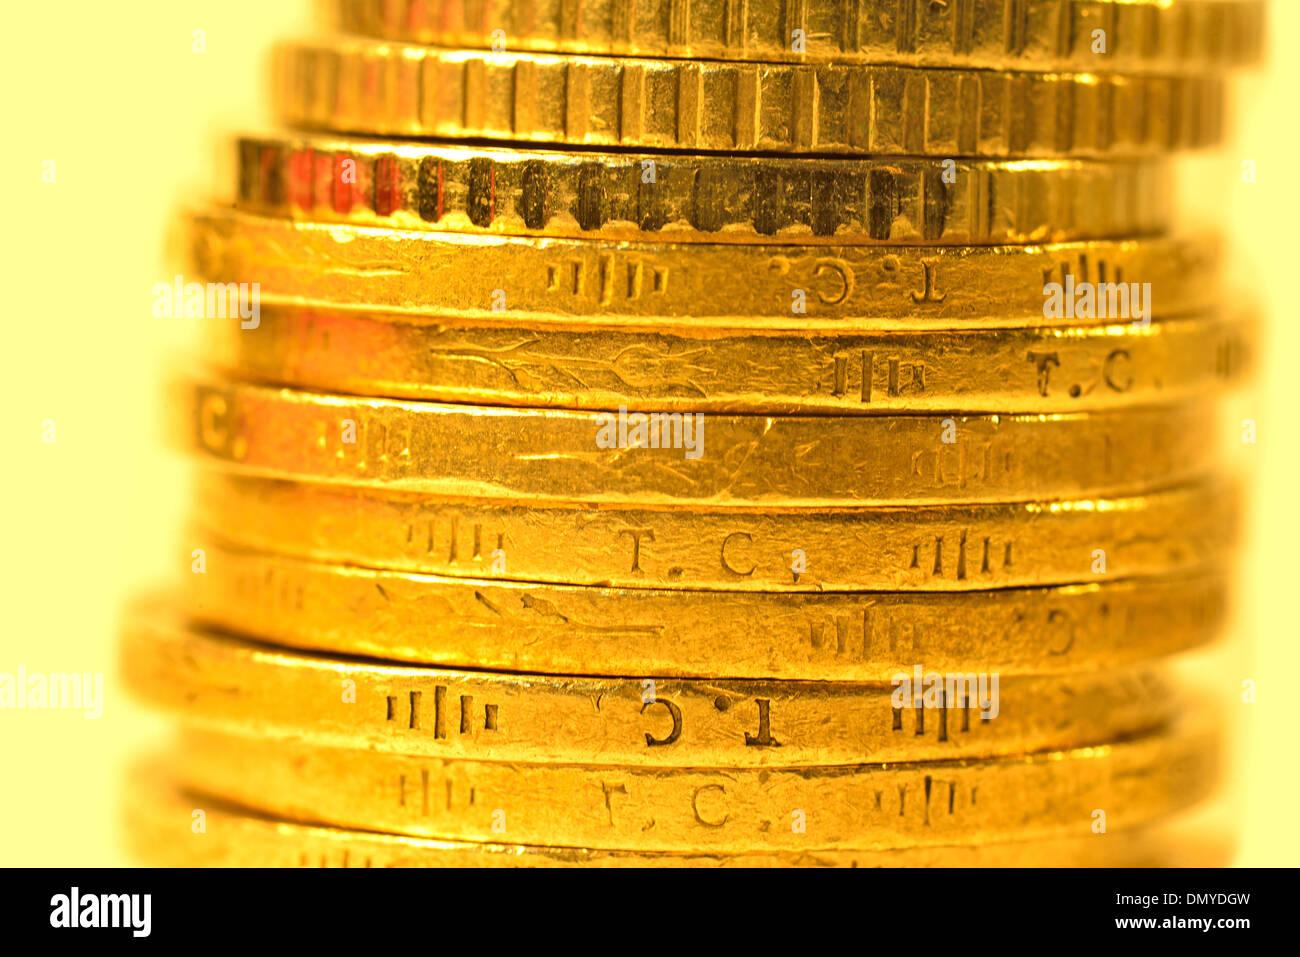 Stapel von türkischen Geld Münzen Nahaufnahme Stockbild